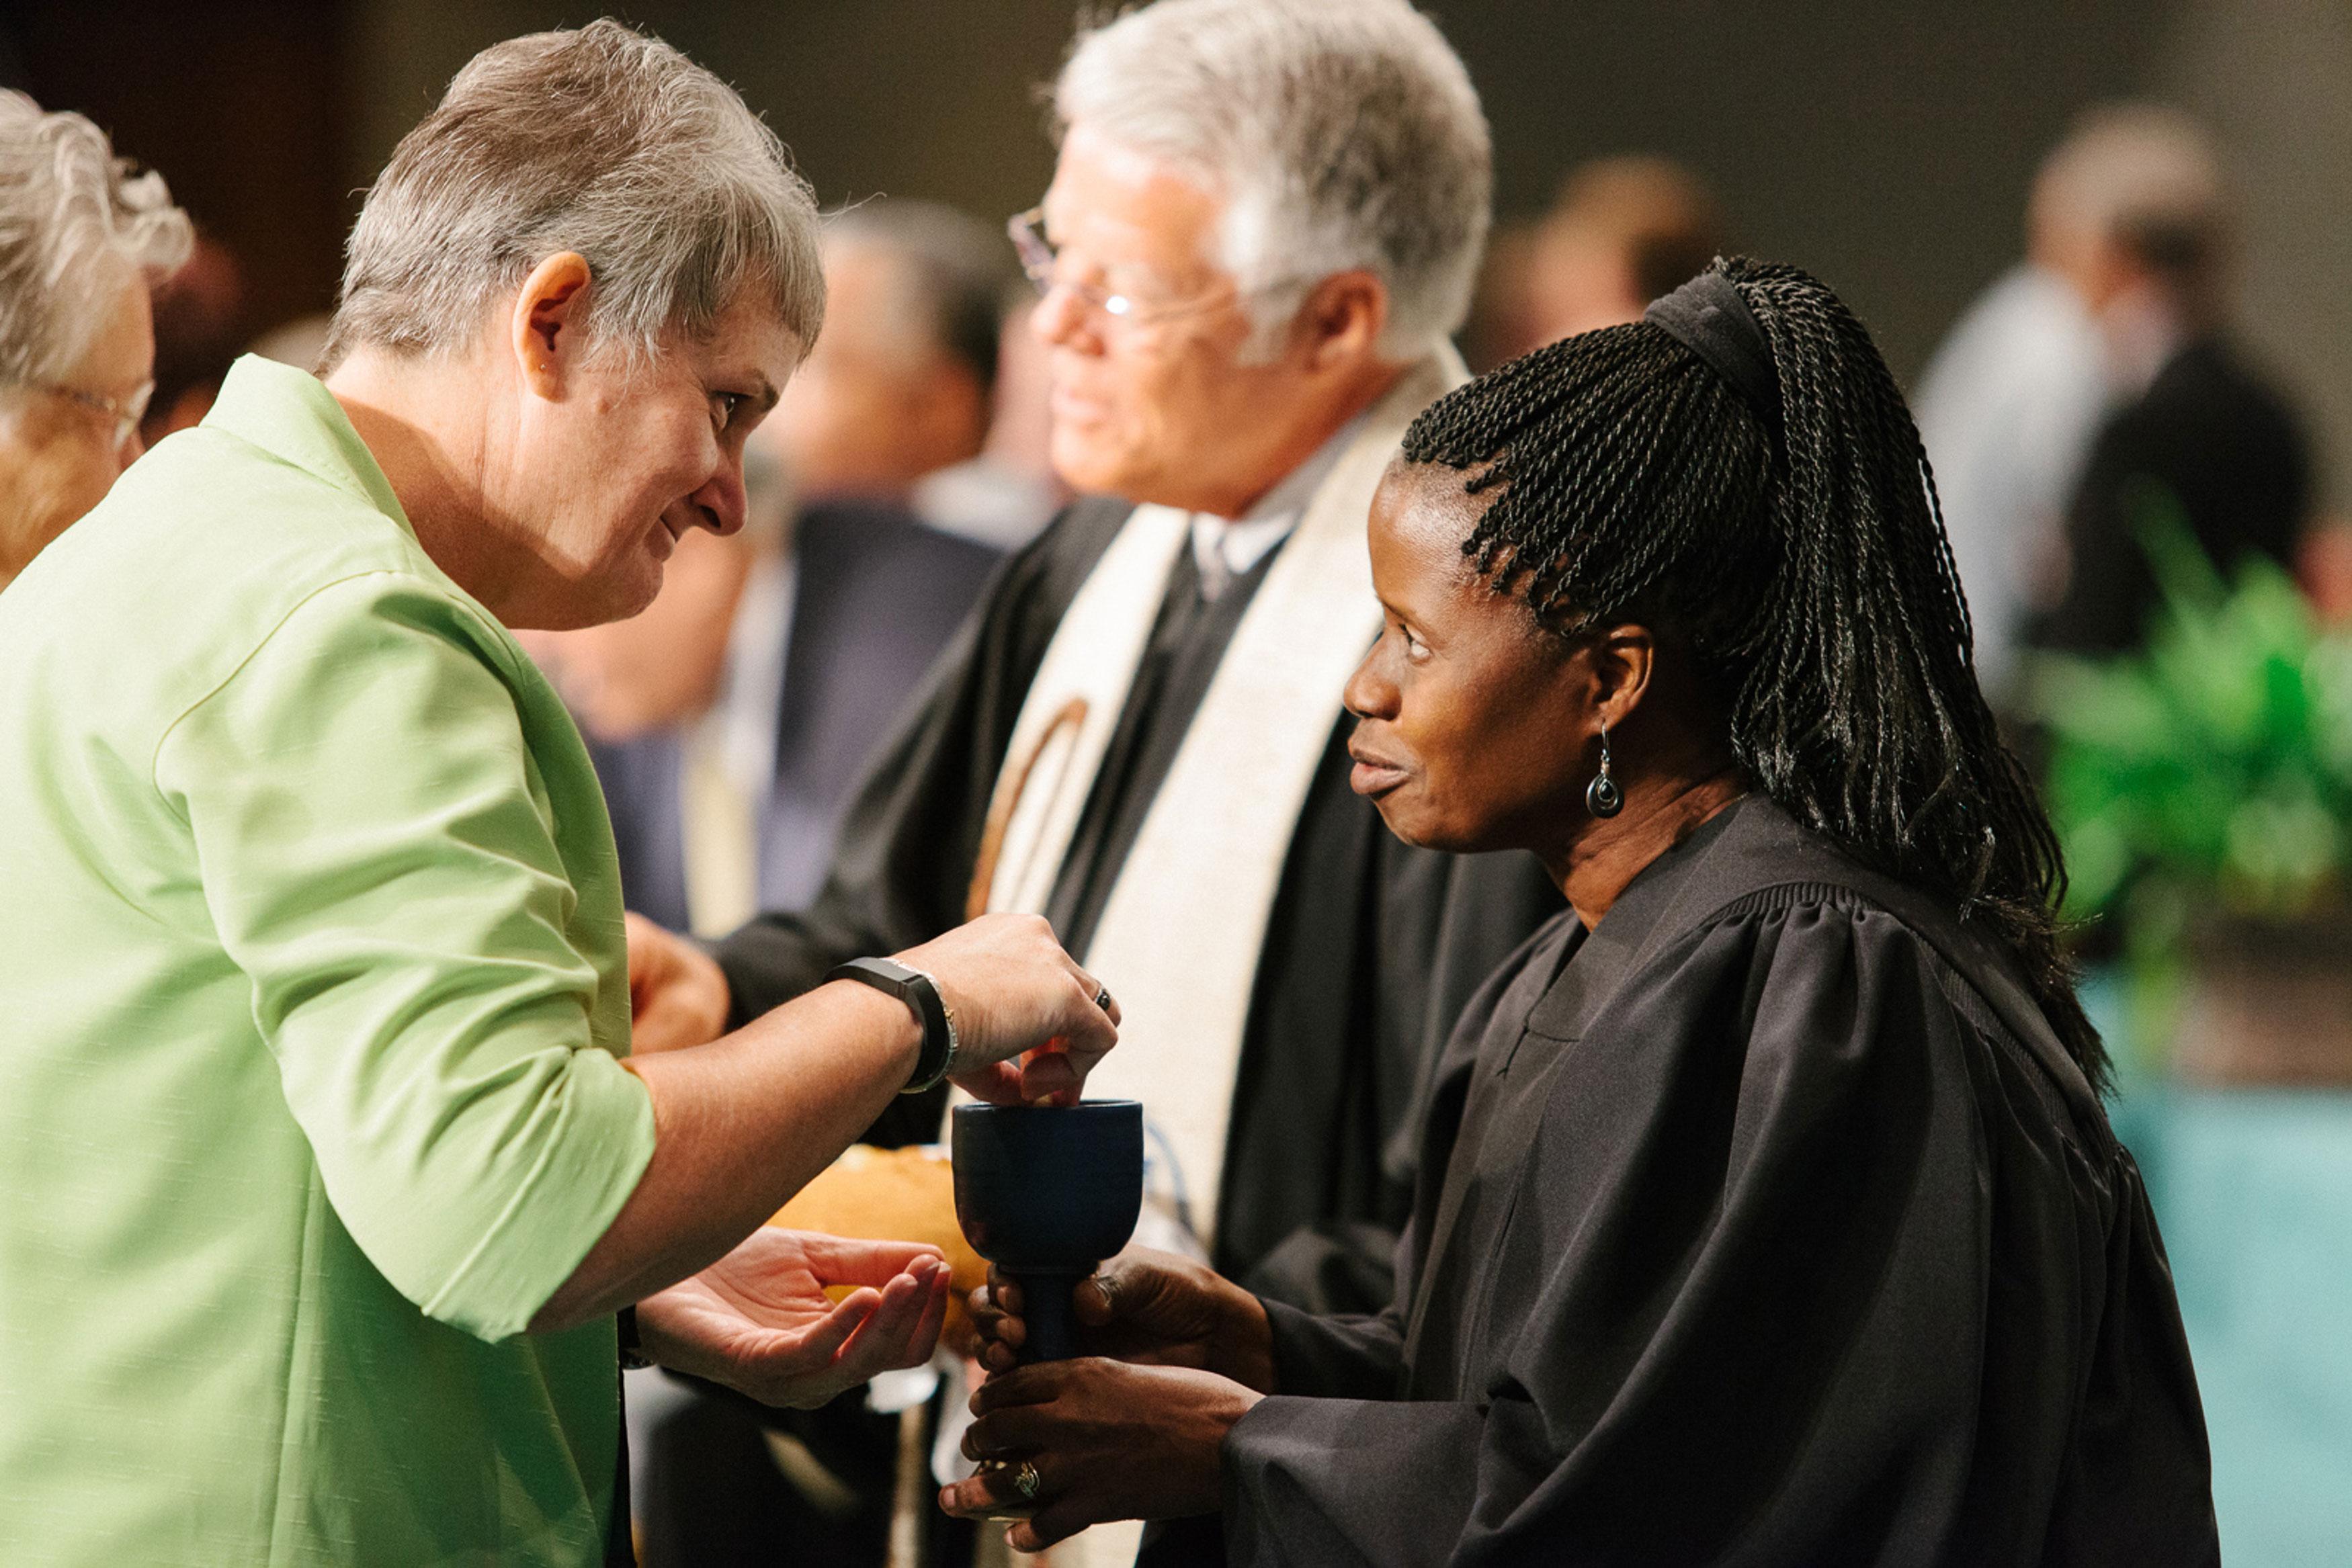 A Revda. Tonya Elmore, pastora da Primeira Igreja Metodista de Enterprise, recebe a ceia da Revda. Virginia Kagoro, pastora da Igreja Metodista Unida Locust Bluff, na conferência de 2015 da região Alabama-West Florida. Foto de Luke Lucas, Alabama-West Florida.